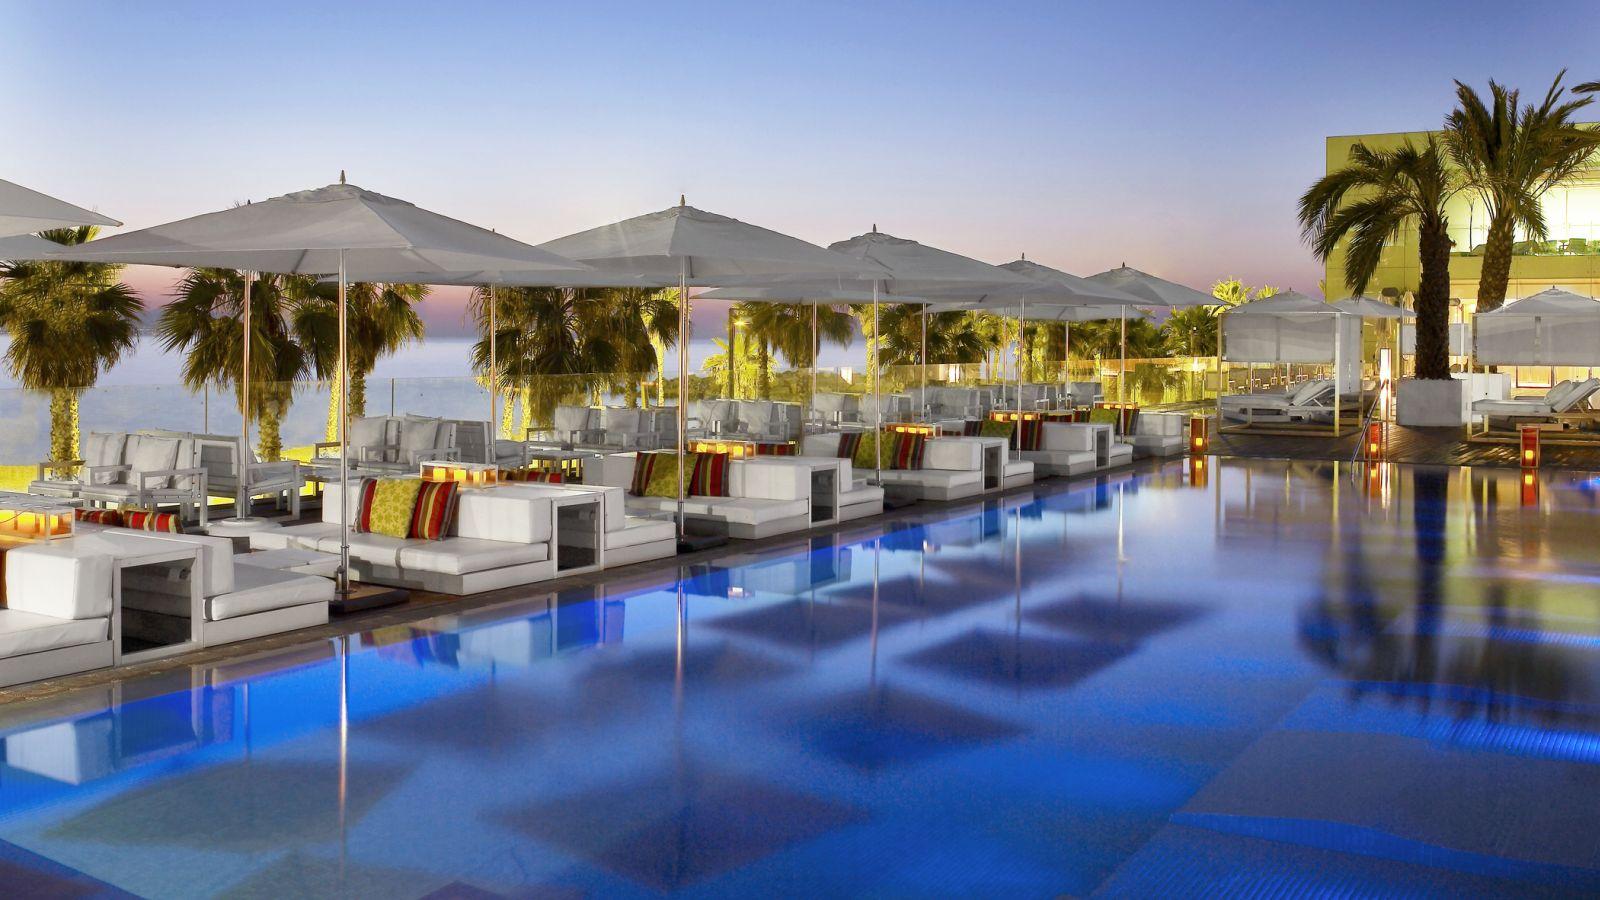 Best Barcelona Rooftop Hotel Bars